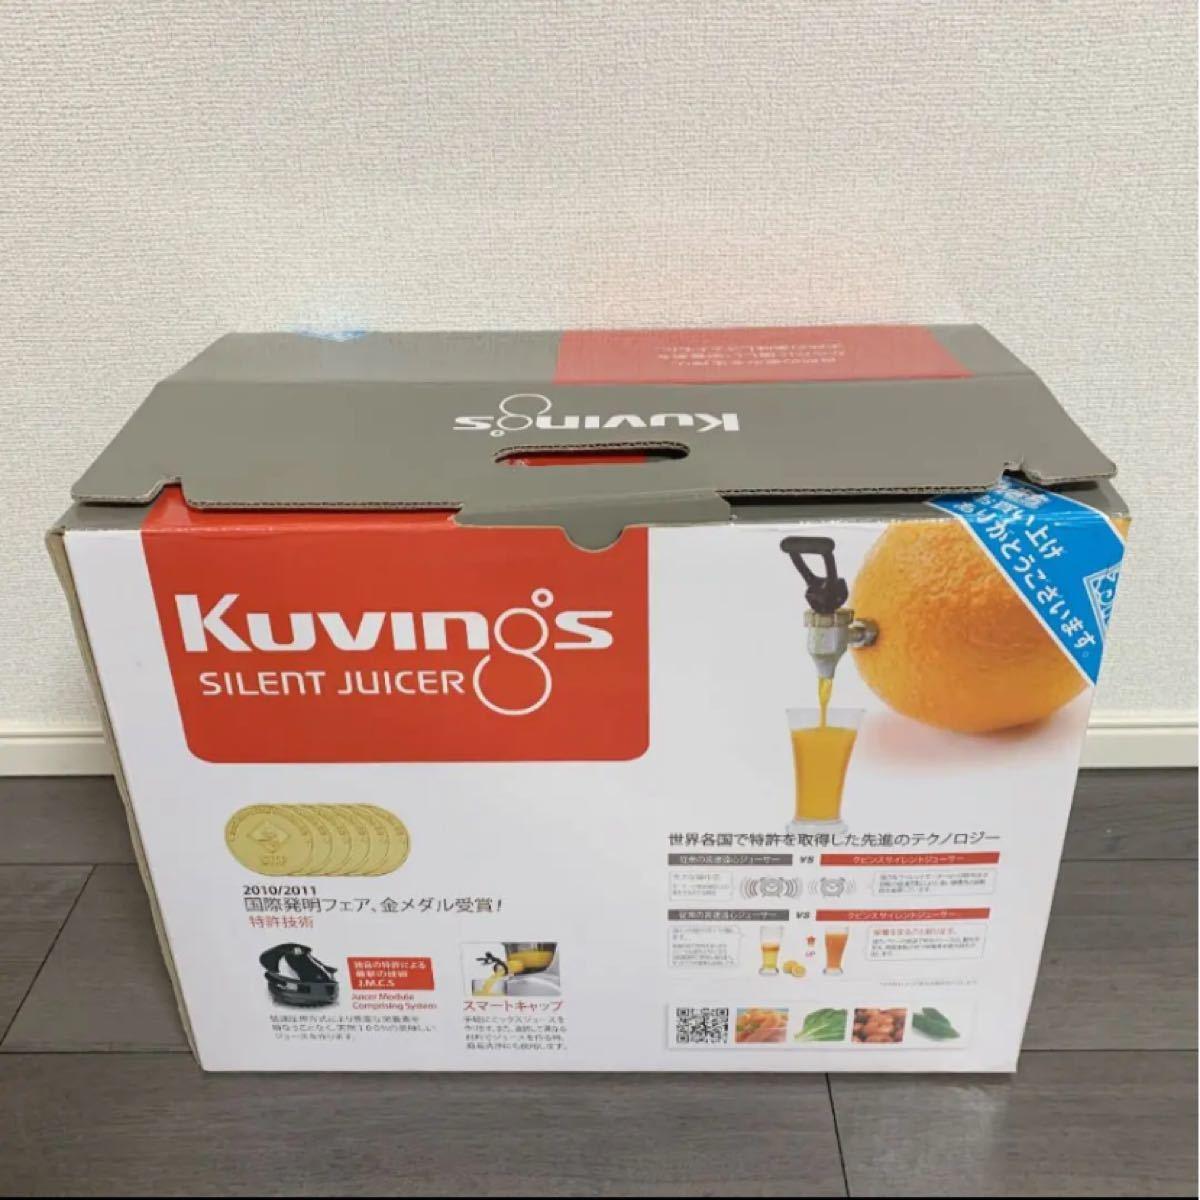 Kuvings ホールスロージューサー JSG-150